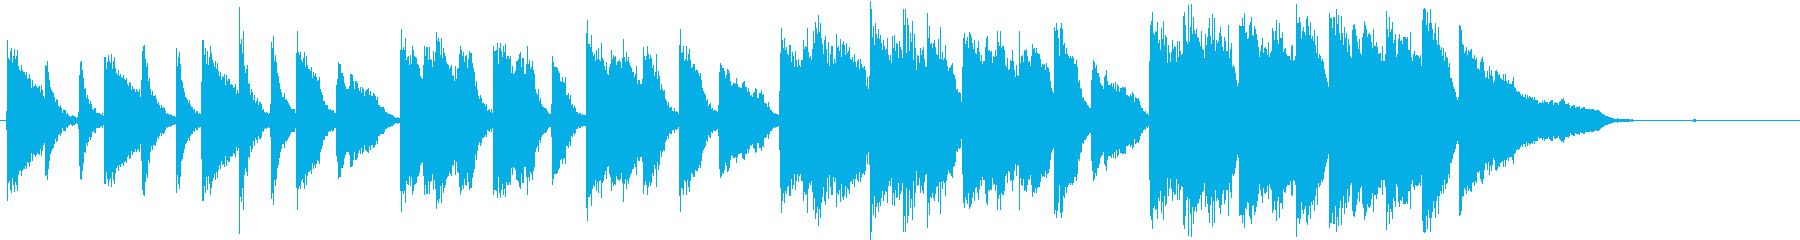 光を遮断するピアノソロの再生済みの波形